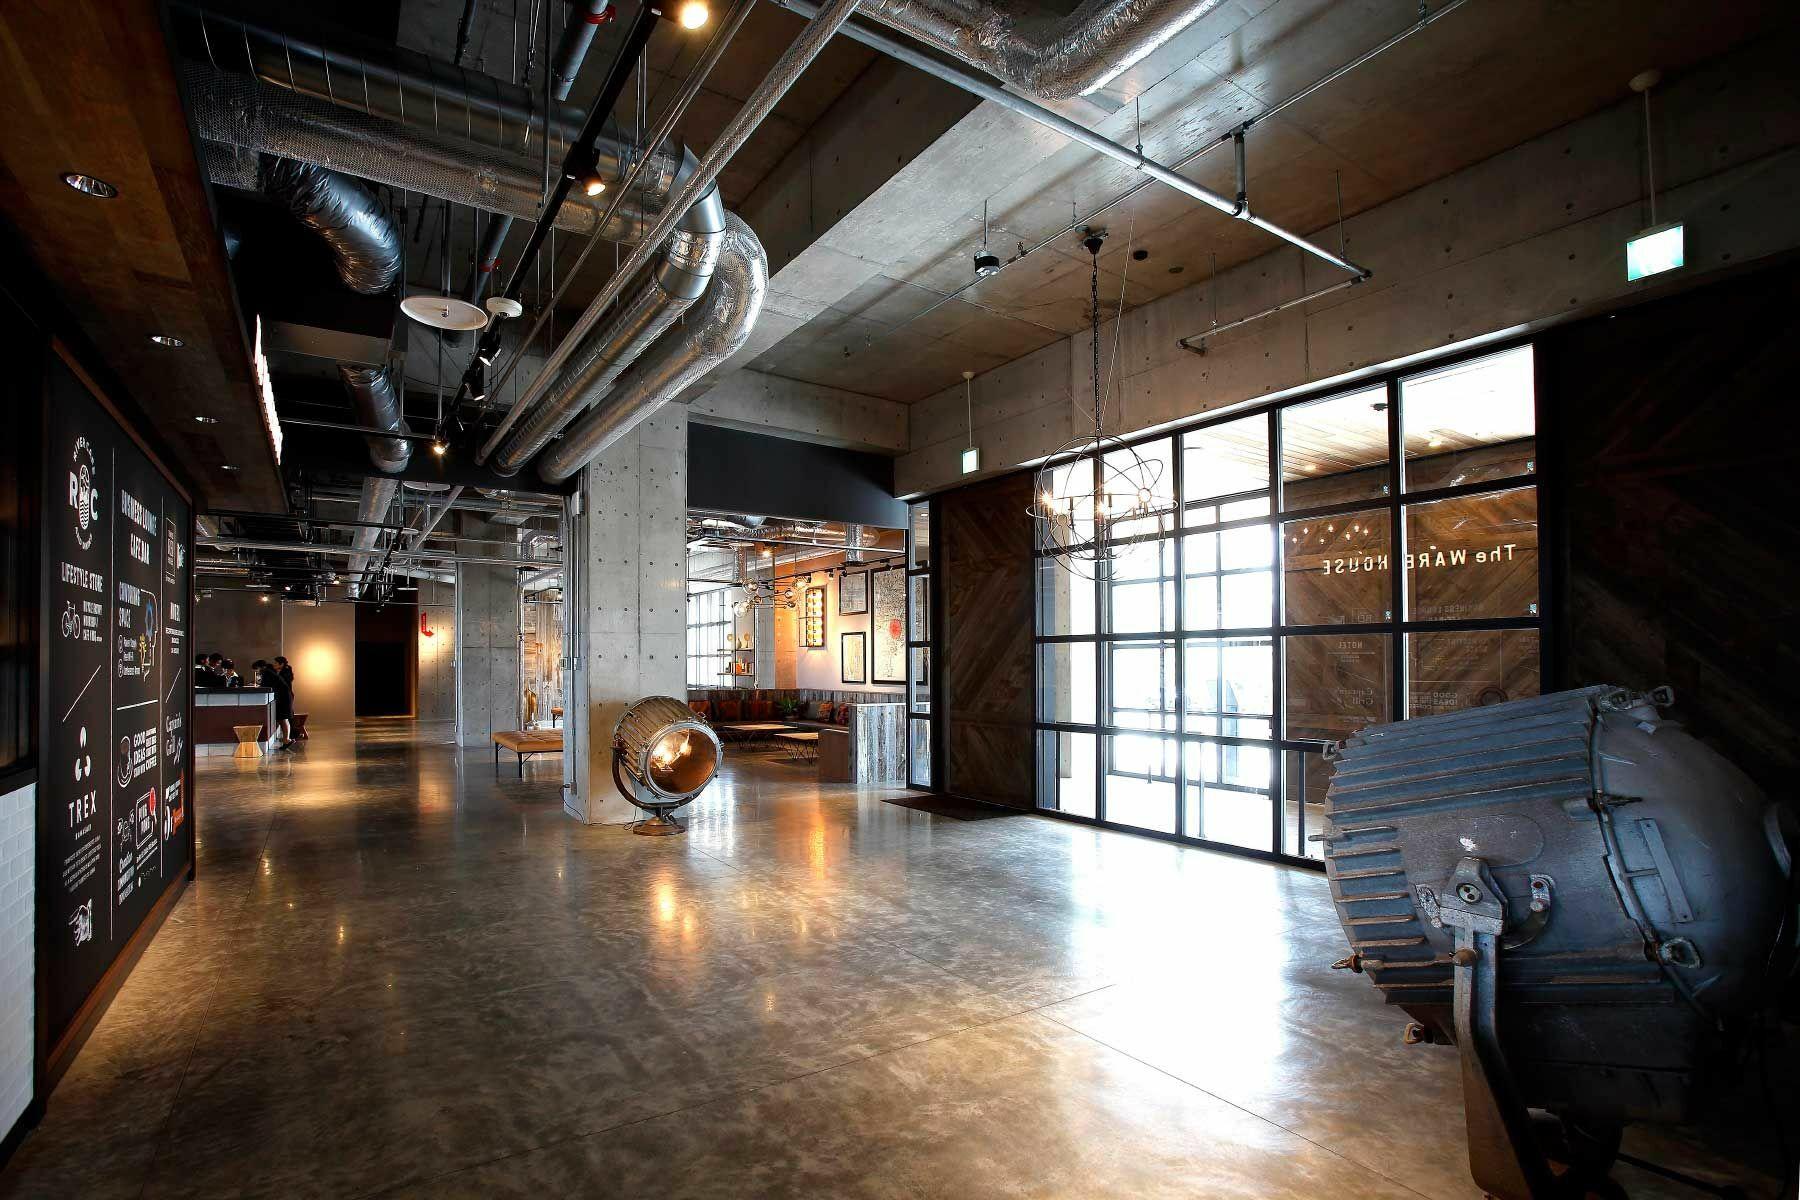 川崎キングスカイフロント東急REIホテル(トウキュウレイホテル)3Fエレベーターホール